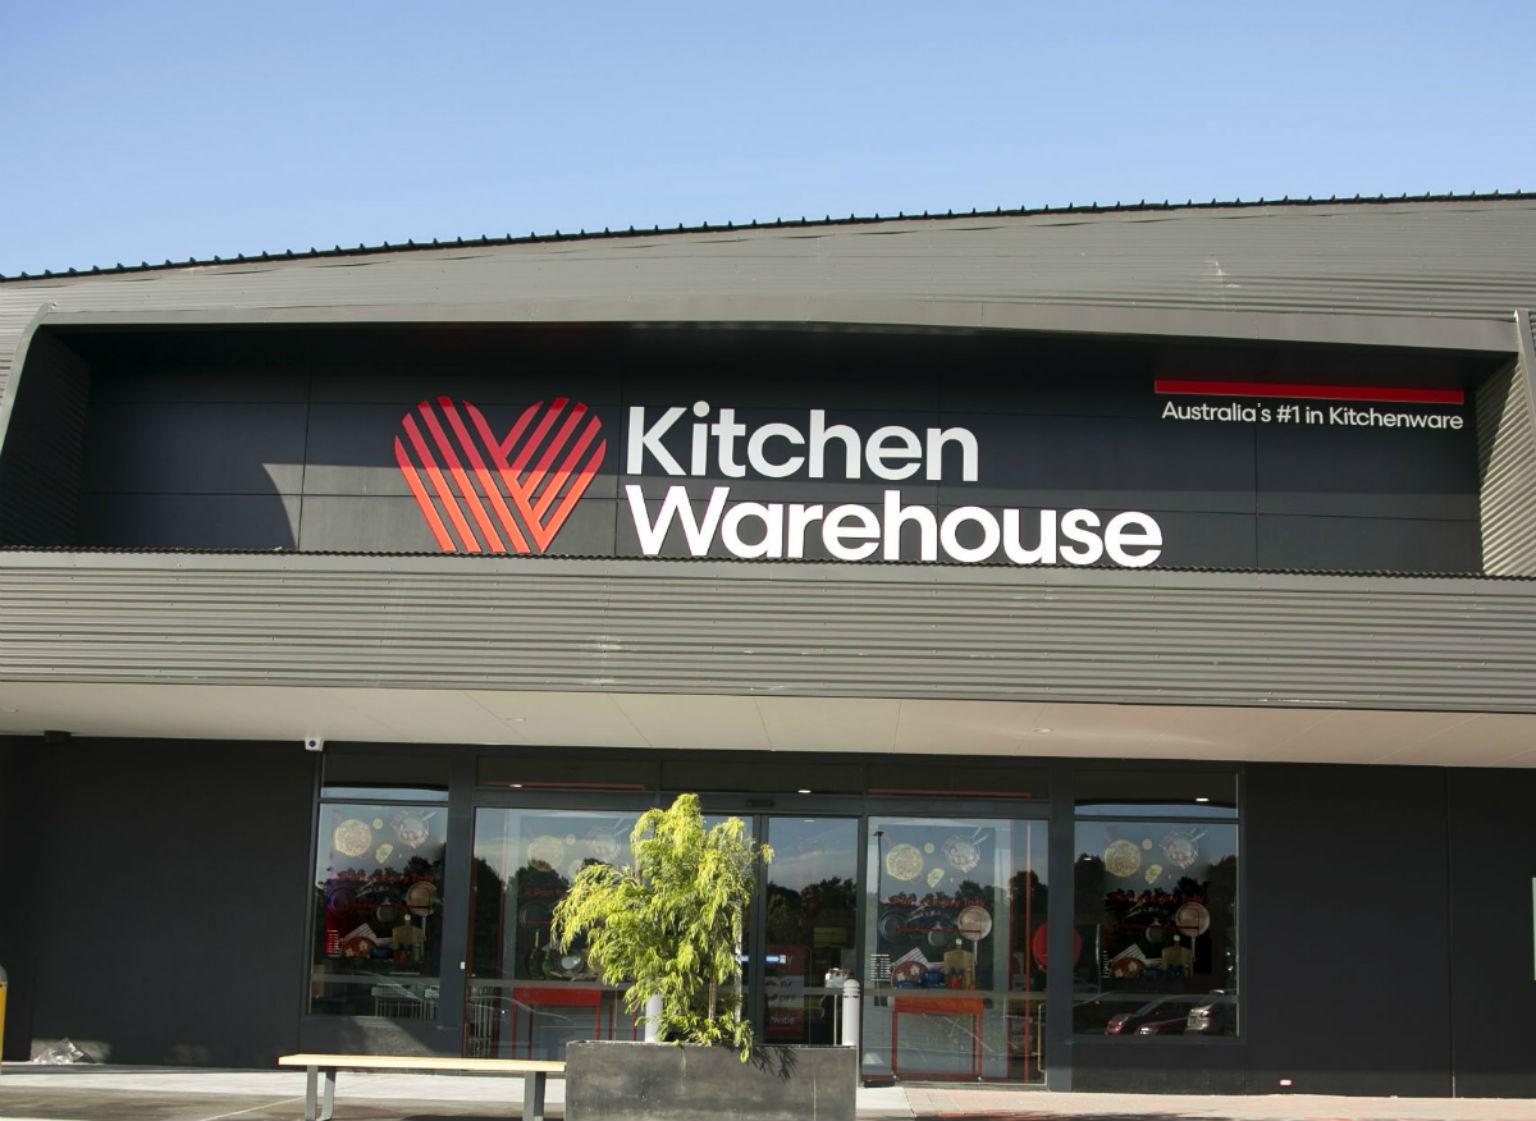 Kitchen warehouse australia cover image